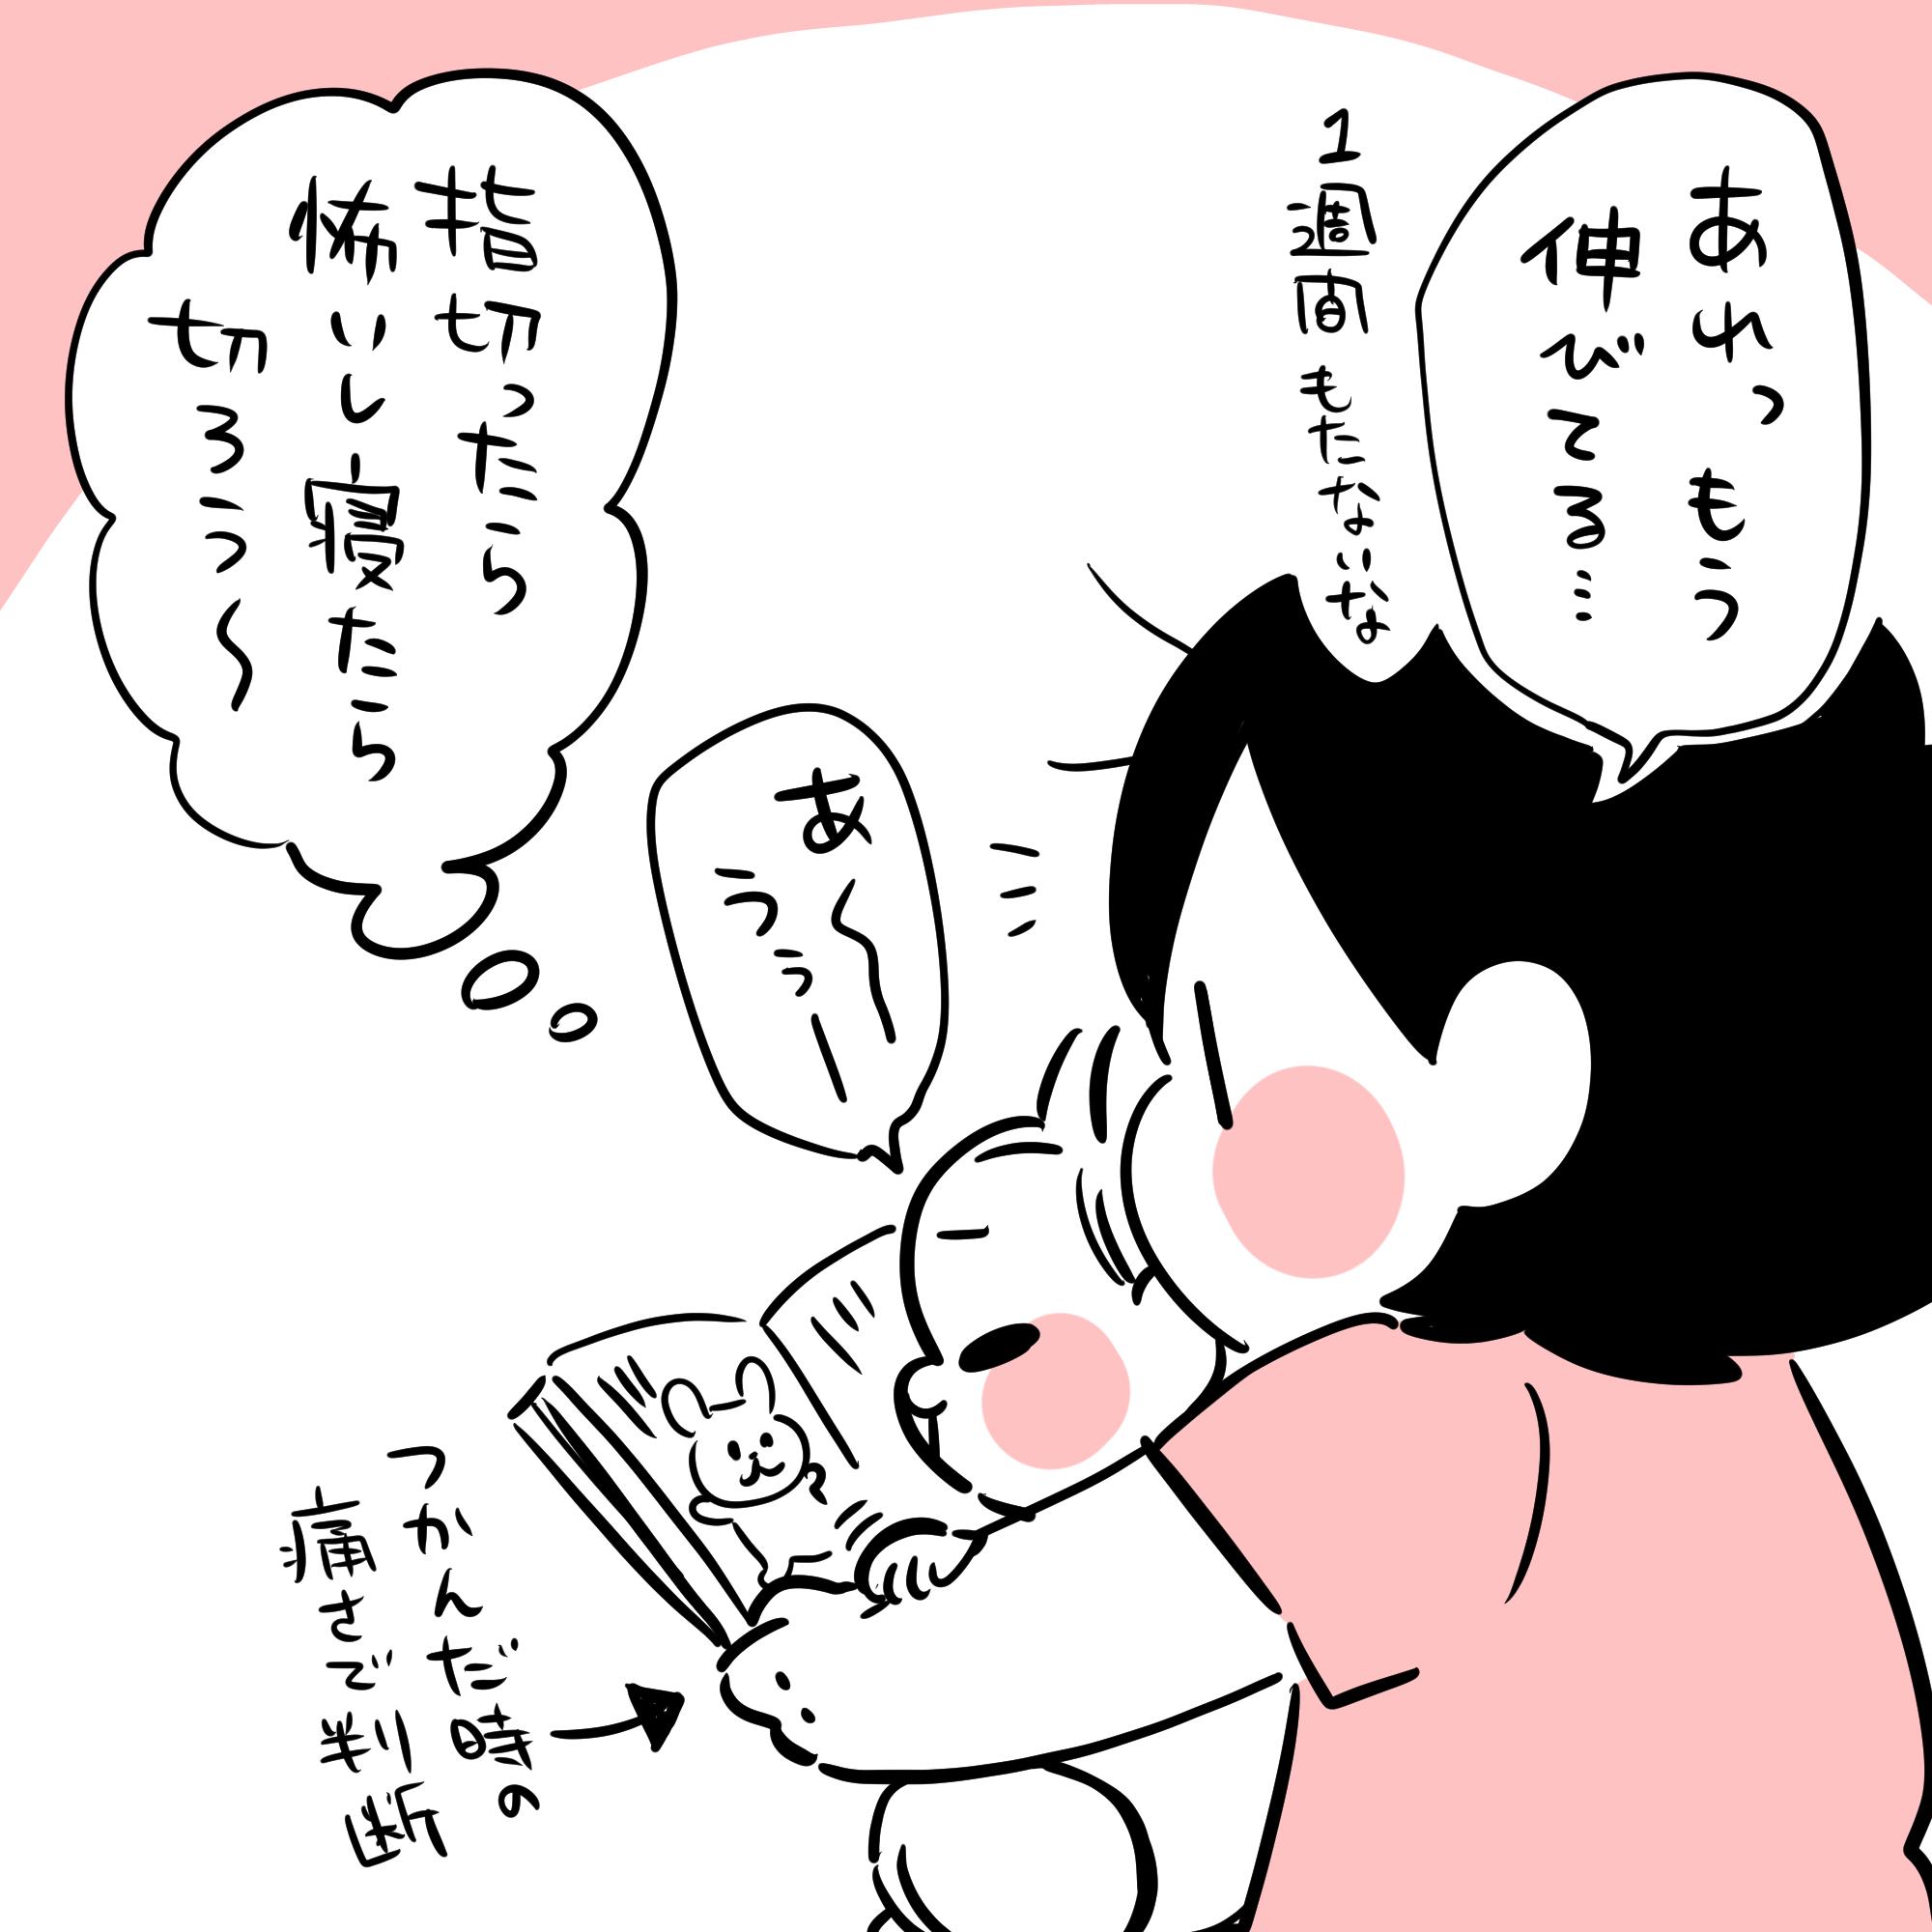 赤ちゃんの爪切りって難しい|ムチムチ!プニプニ!ちびたろ!#24